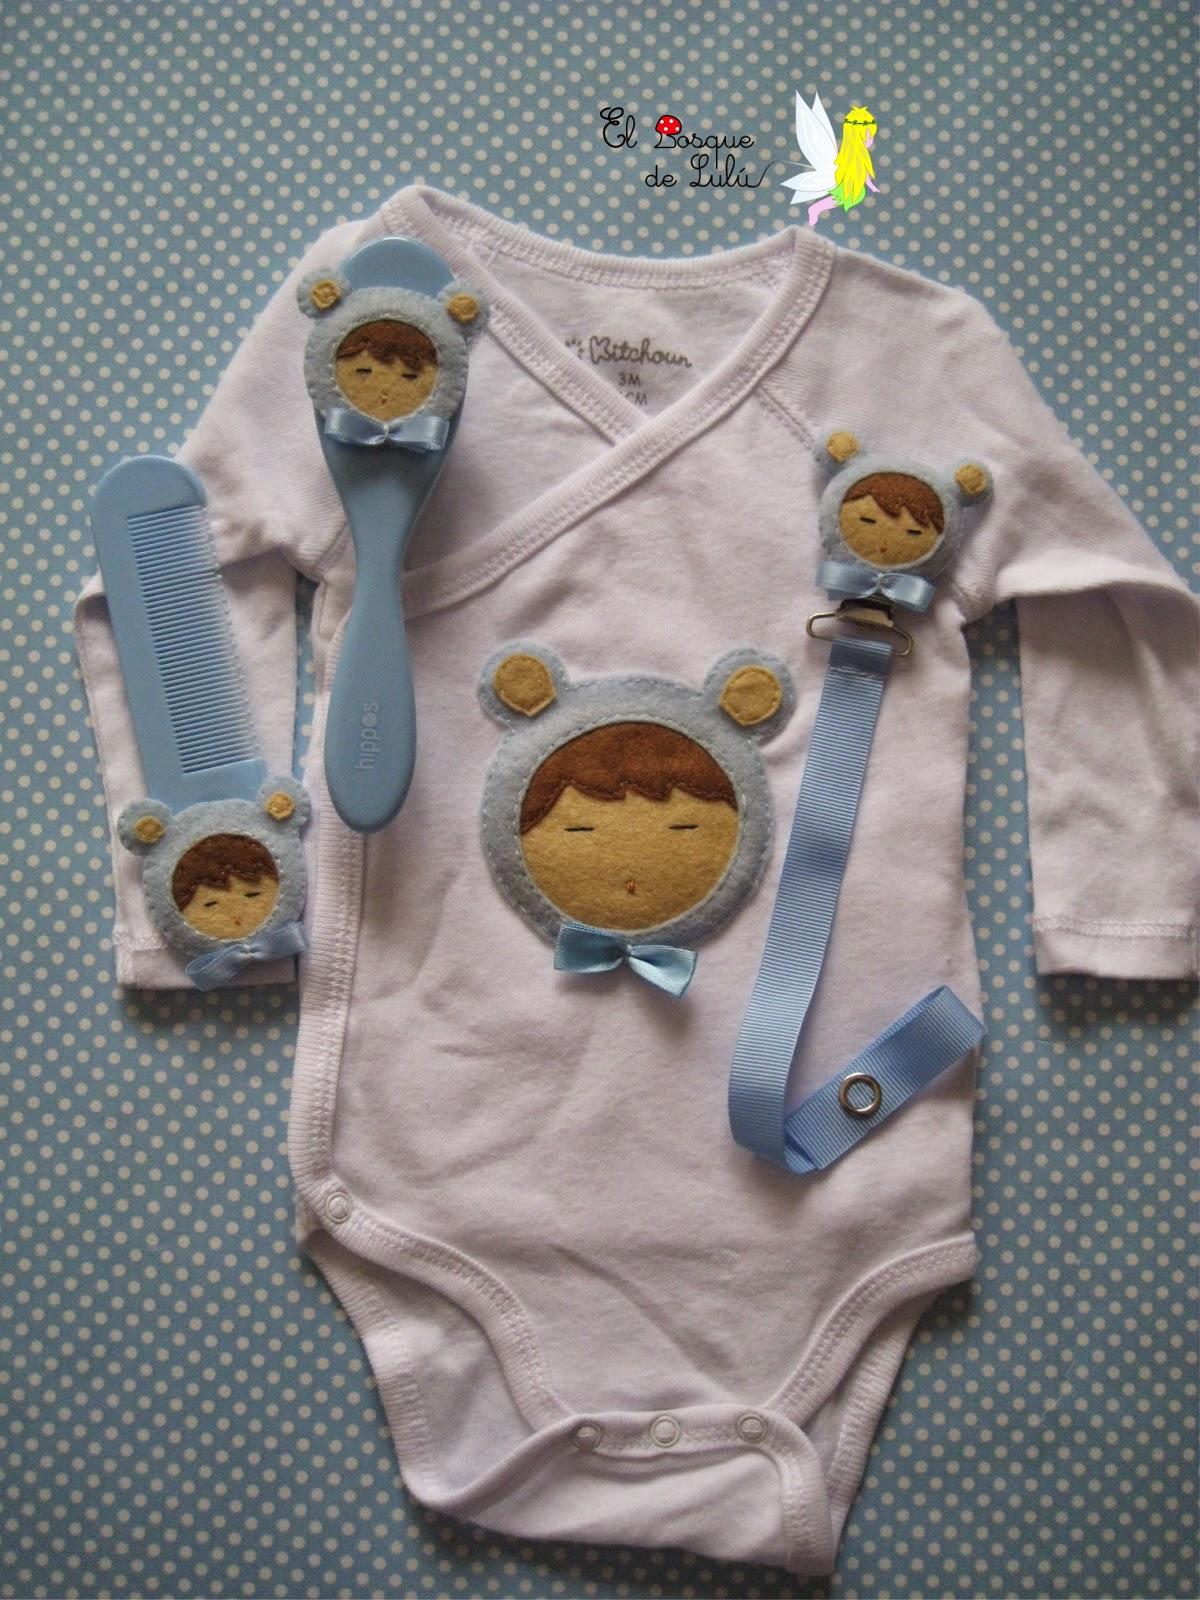 detalles-nacimiento-body-chupetero-peina-cepilla-bebe-bienvenida-personalizado-fieltro